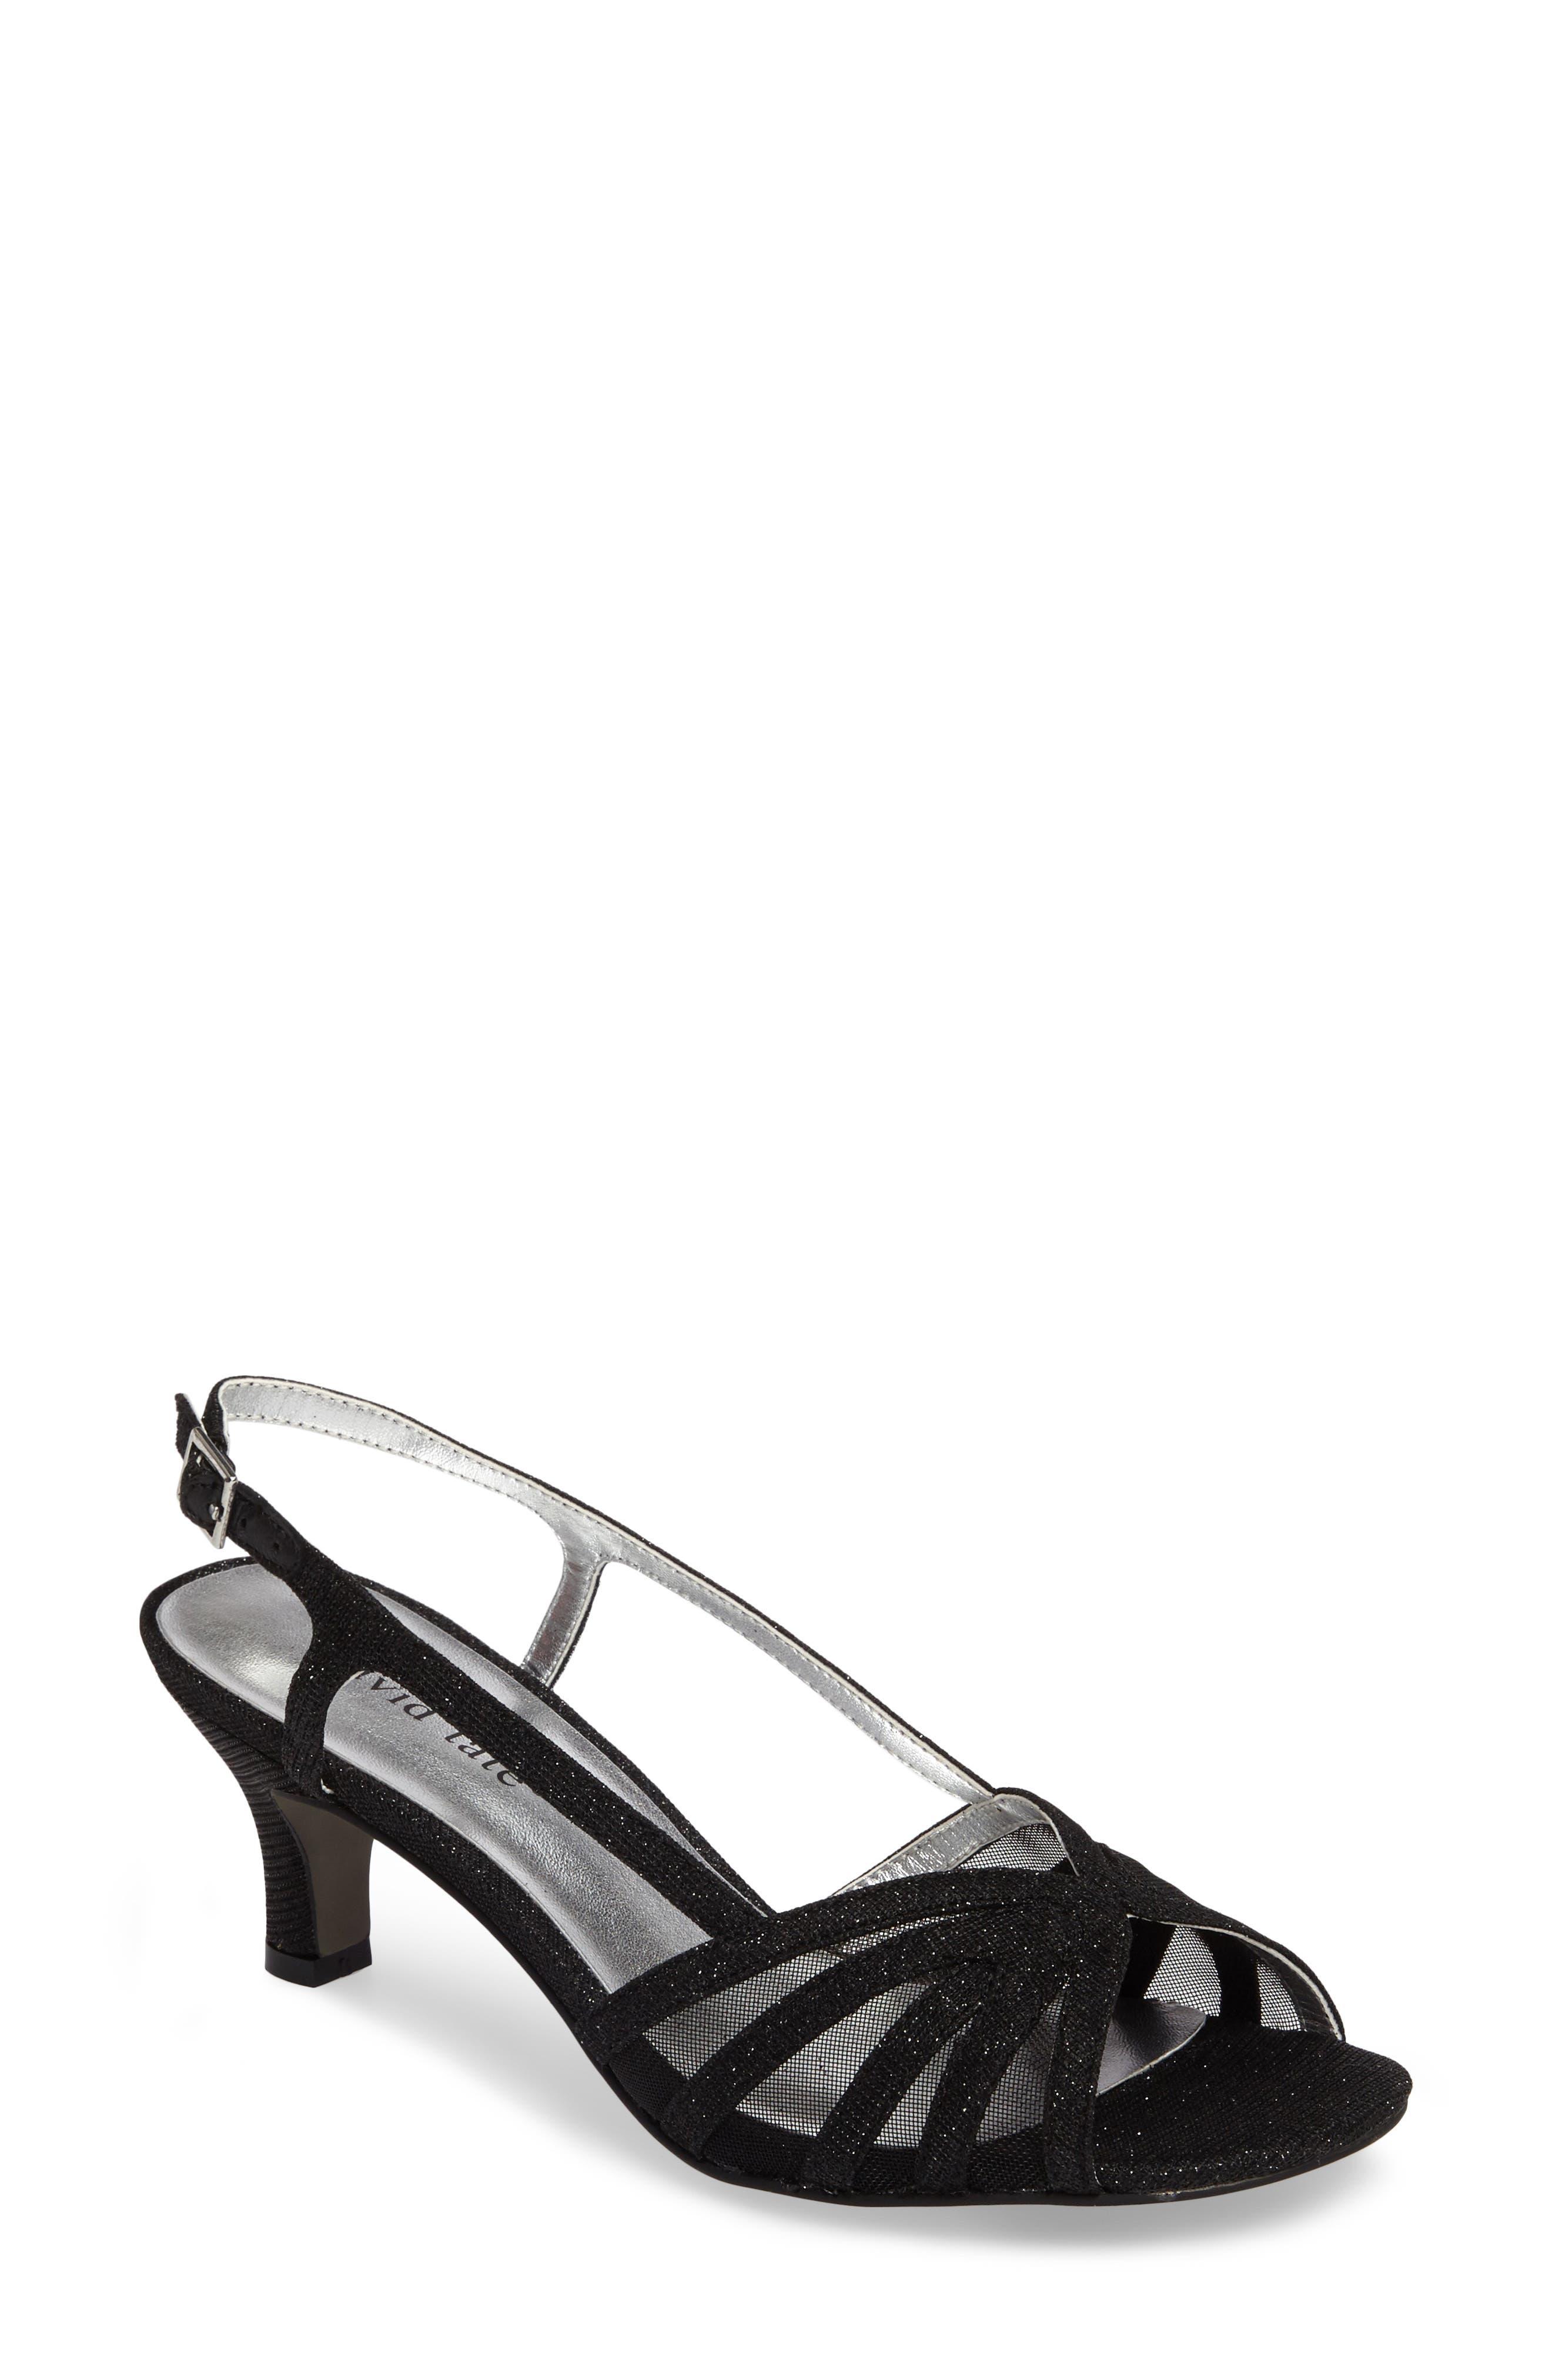 Ritz Slingback Sandal,                             Main thumbnail 1, color,                             Black